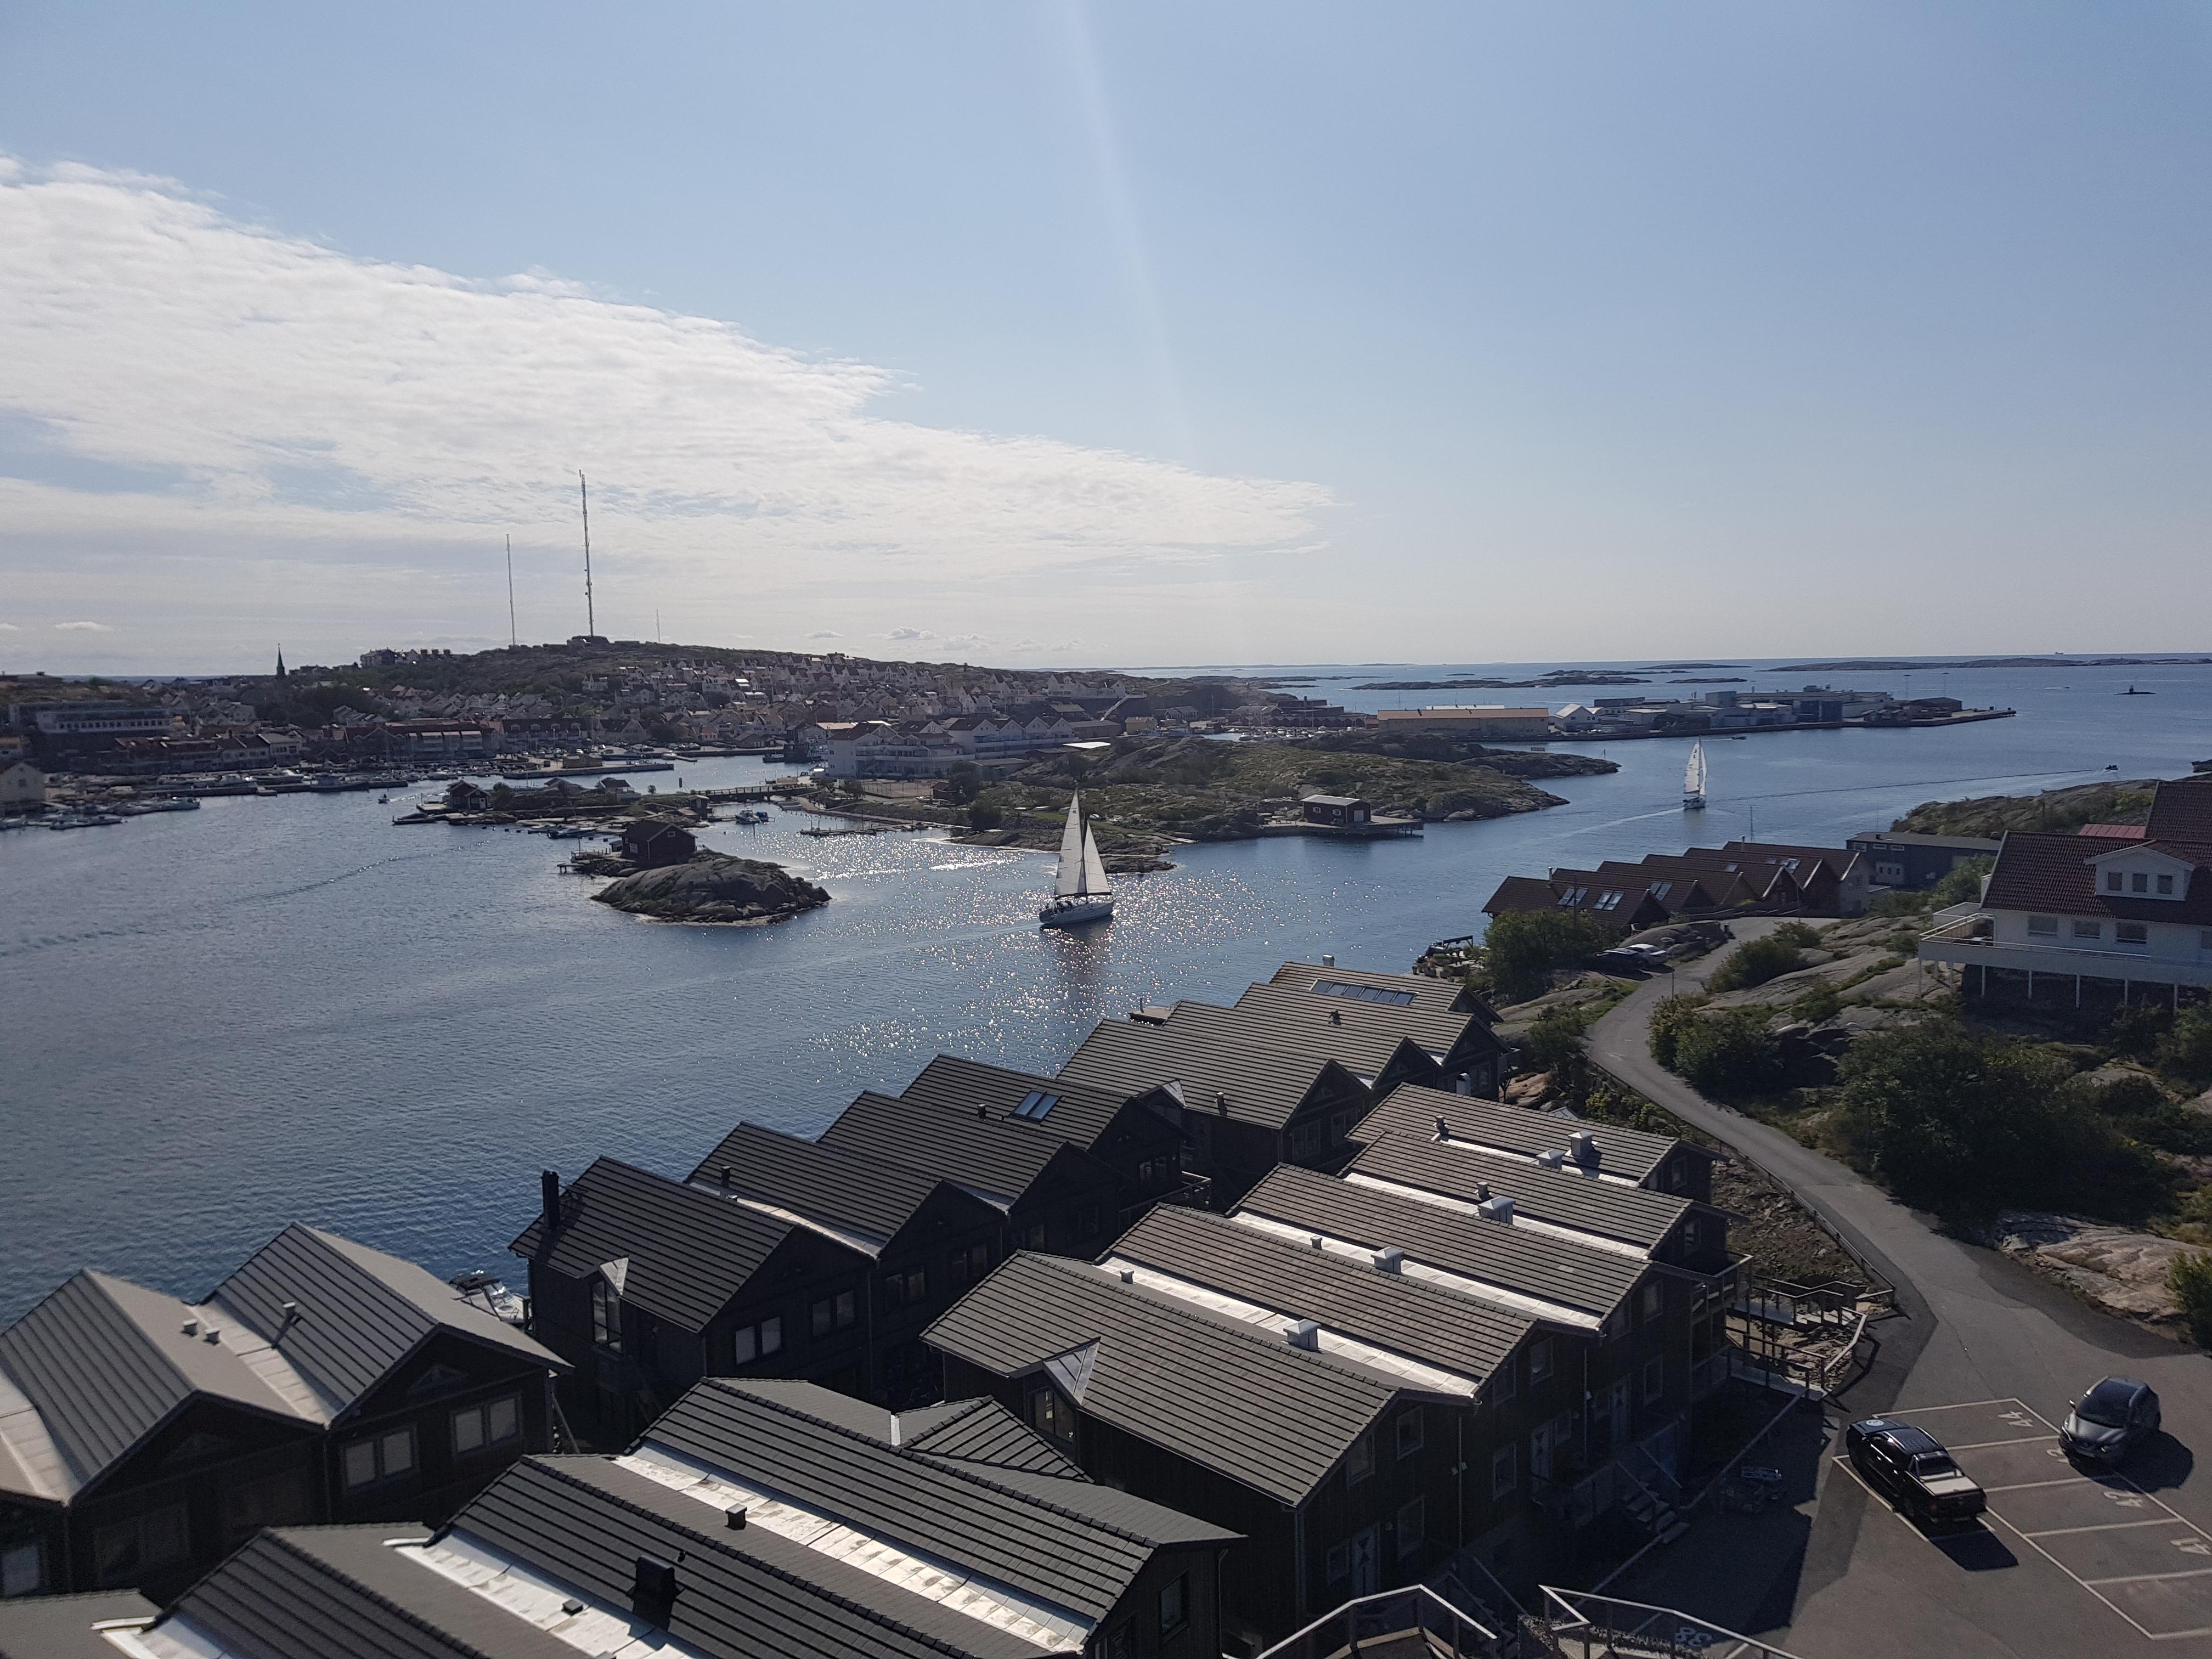 Utsikt från Smögenbron